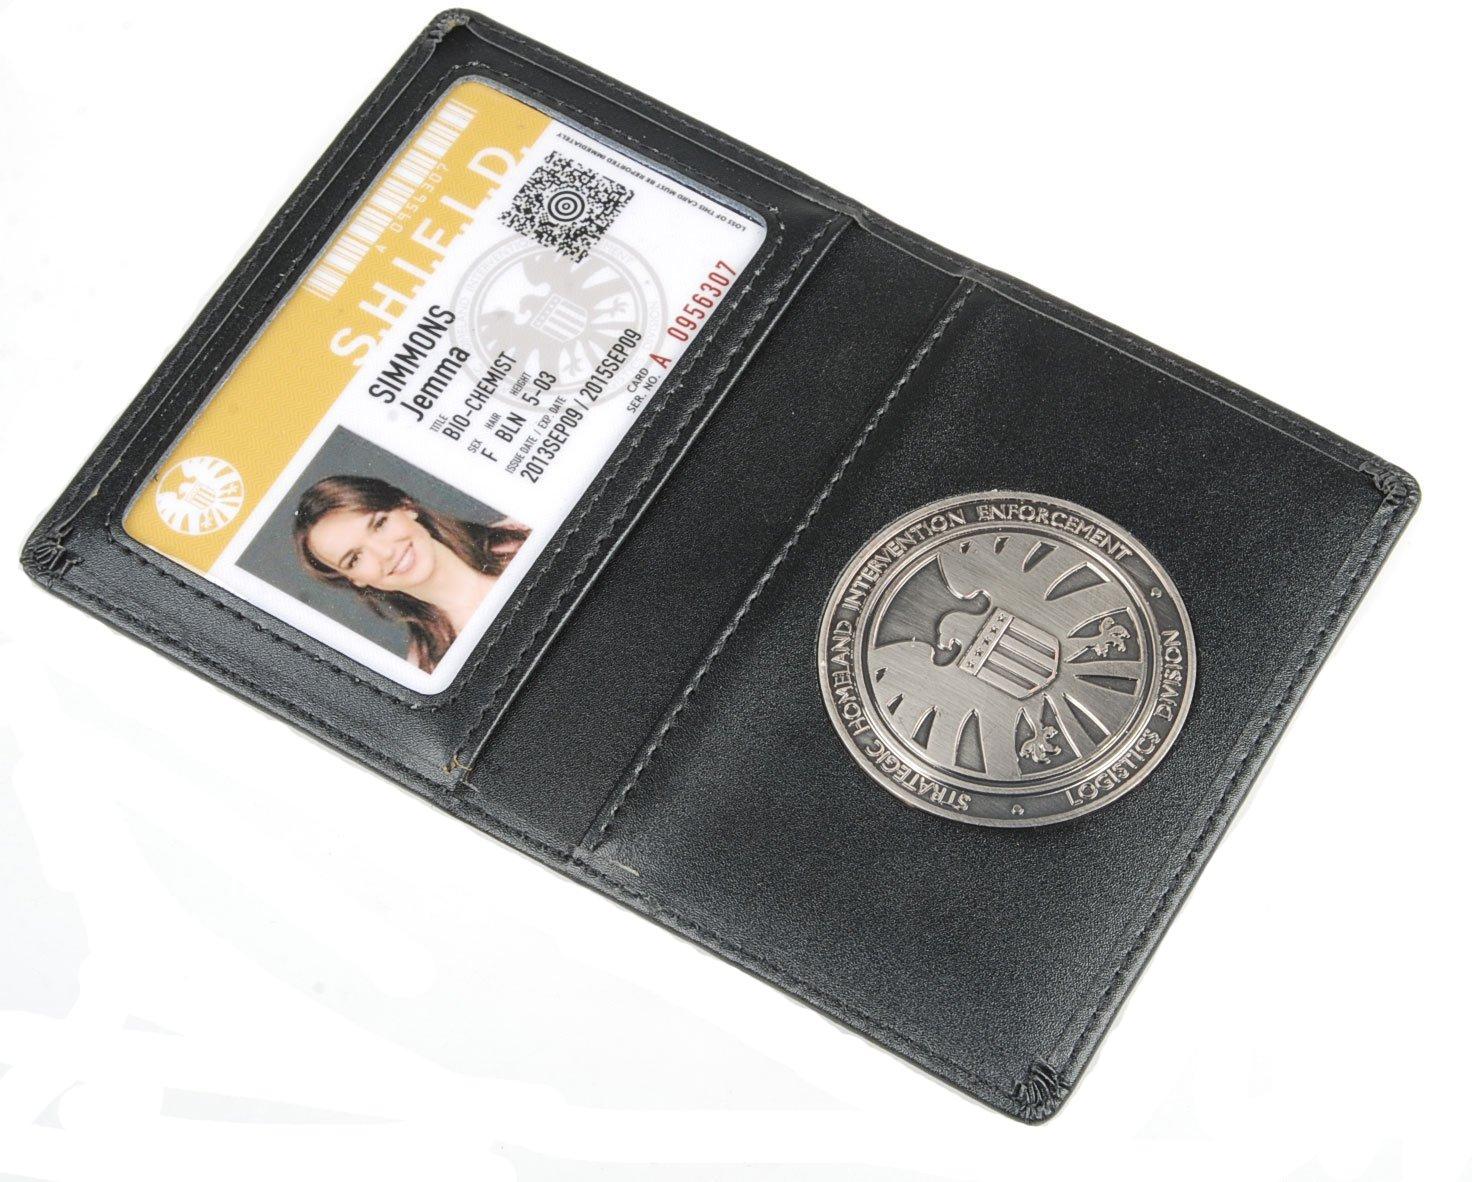 Portefeuille en Cuir ou Porte-Cartes d'identité Les Agents Avengers de S.h.l.e.l.d Bouclier avec Badge (Grant Ward)